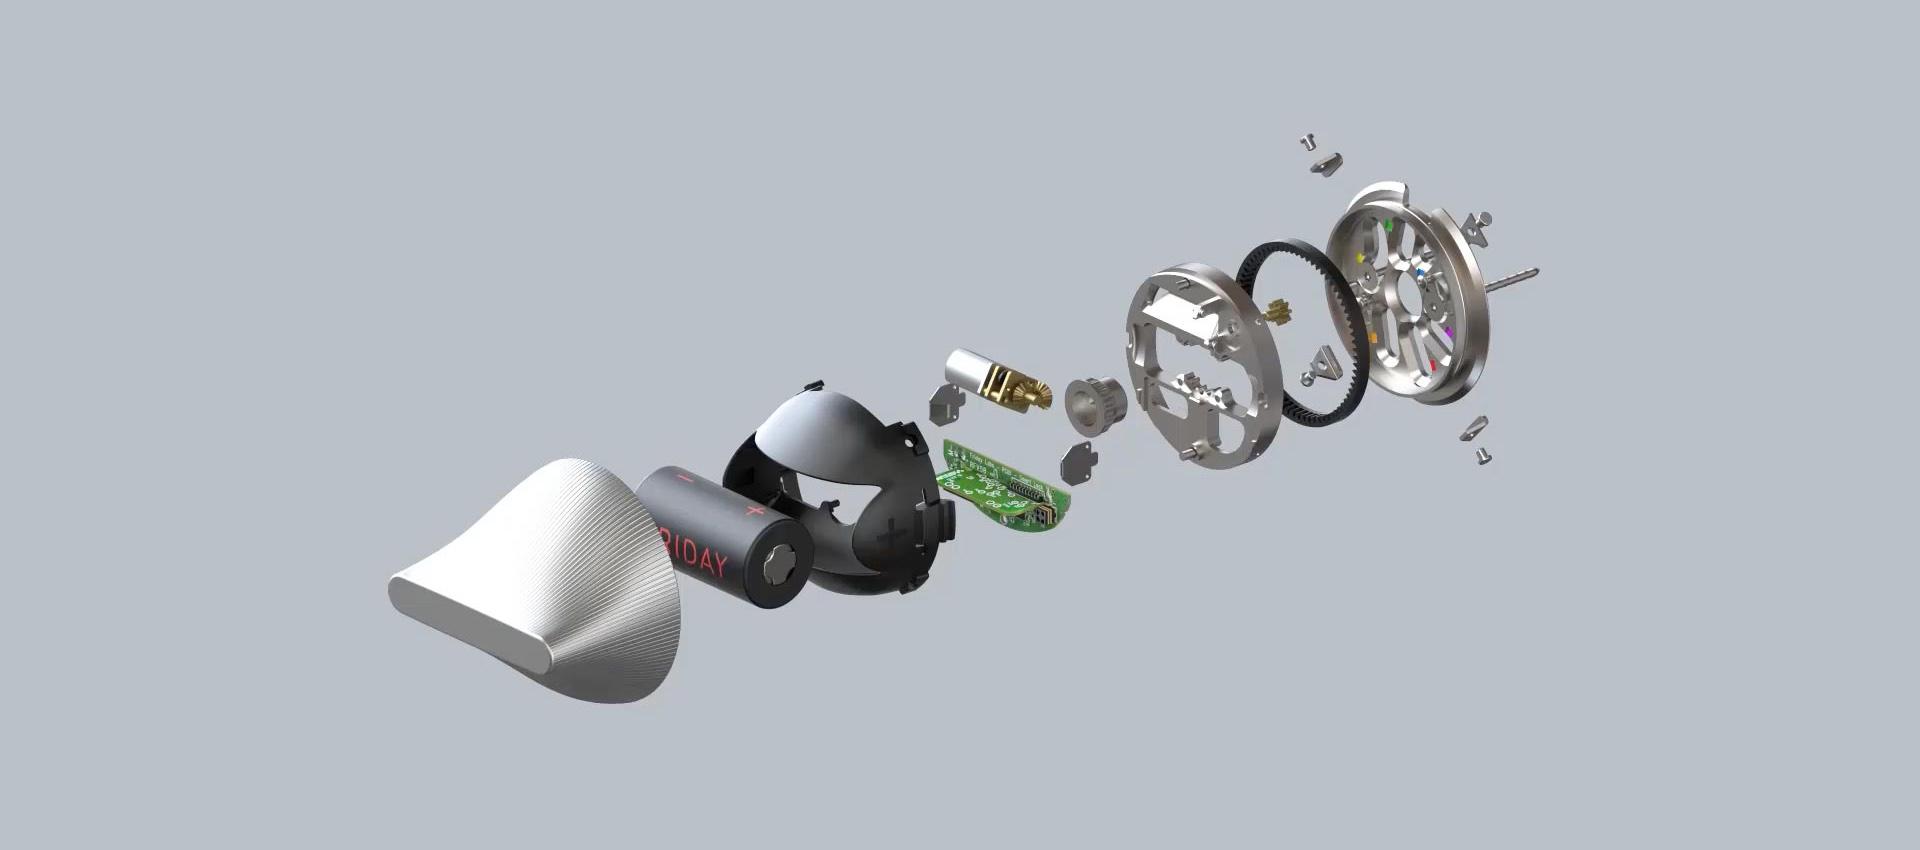 Cerradura inteligente de Friday Labs por BIG. Imagen cortesía de Friday Labs